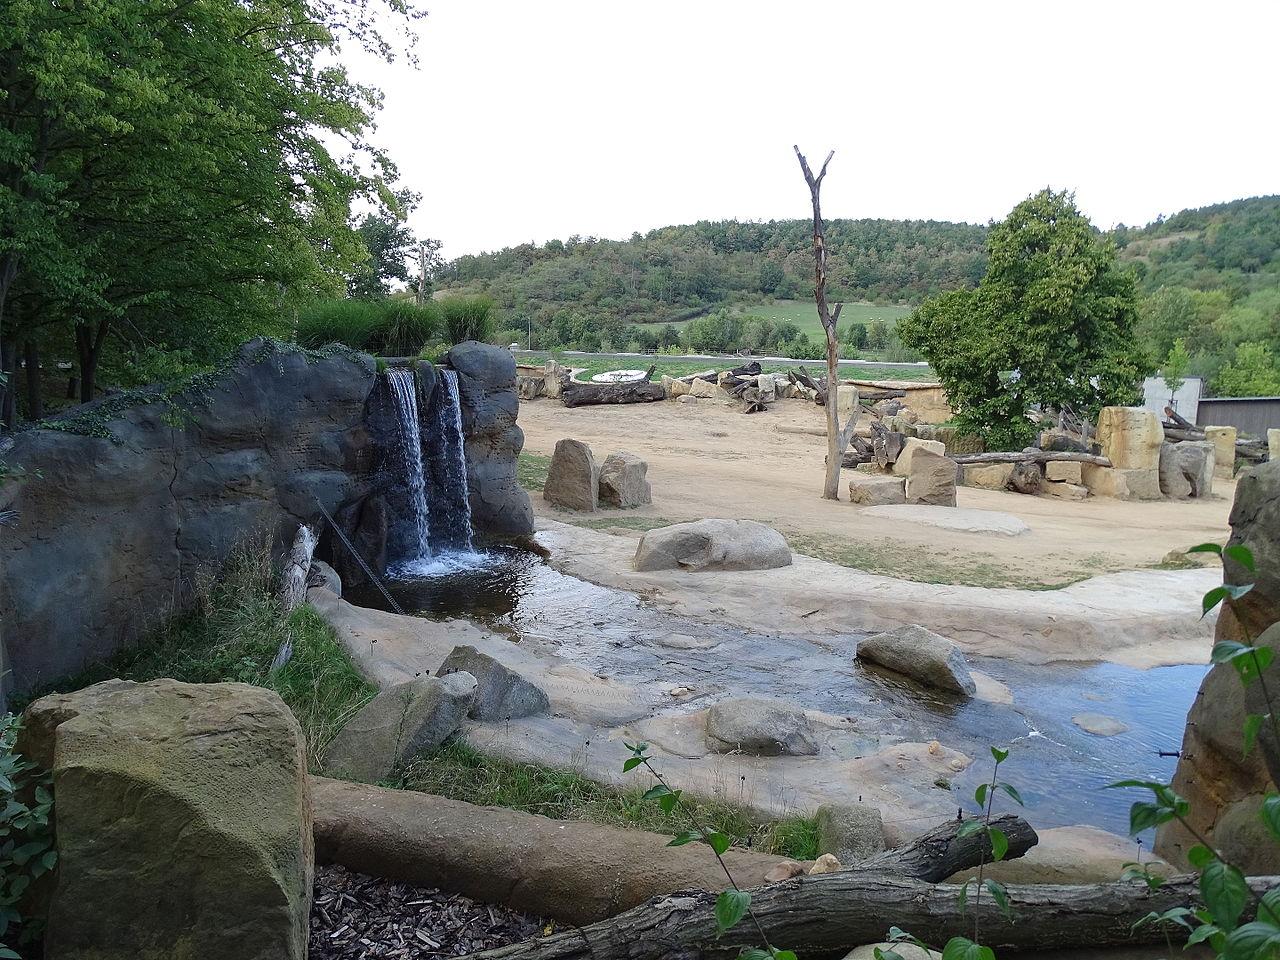 Пражский зоопарк: как добраться из центра, время работы, билеты, официальный сайт, отзывы, фото